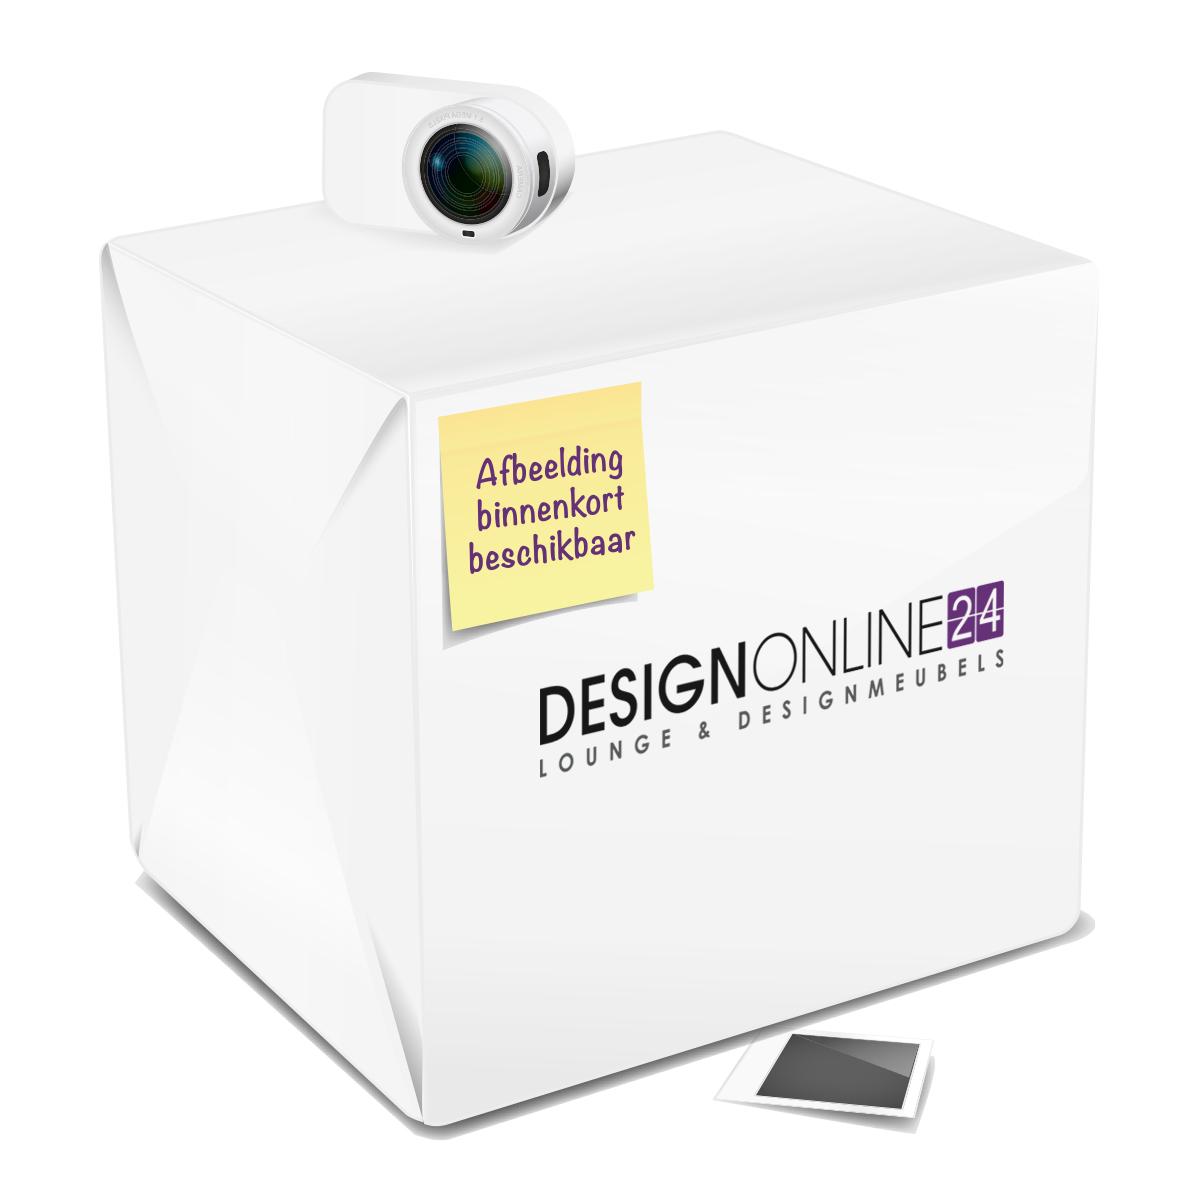 24Designs Outlet - Set (2) Stoelen Nova - Kunstleer - Wit - Chromen Voet